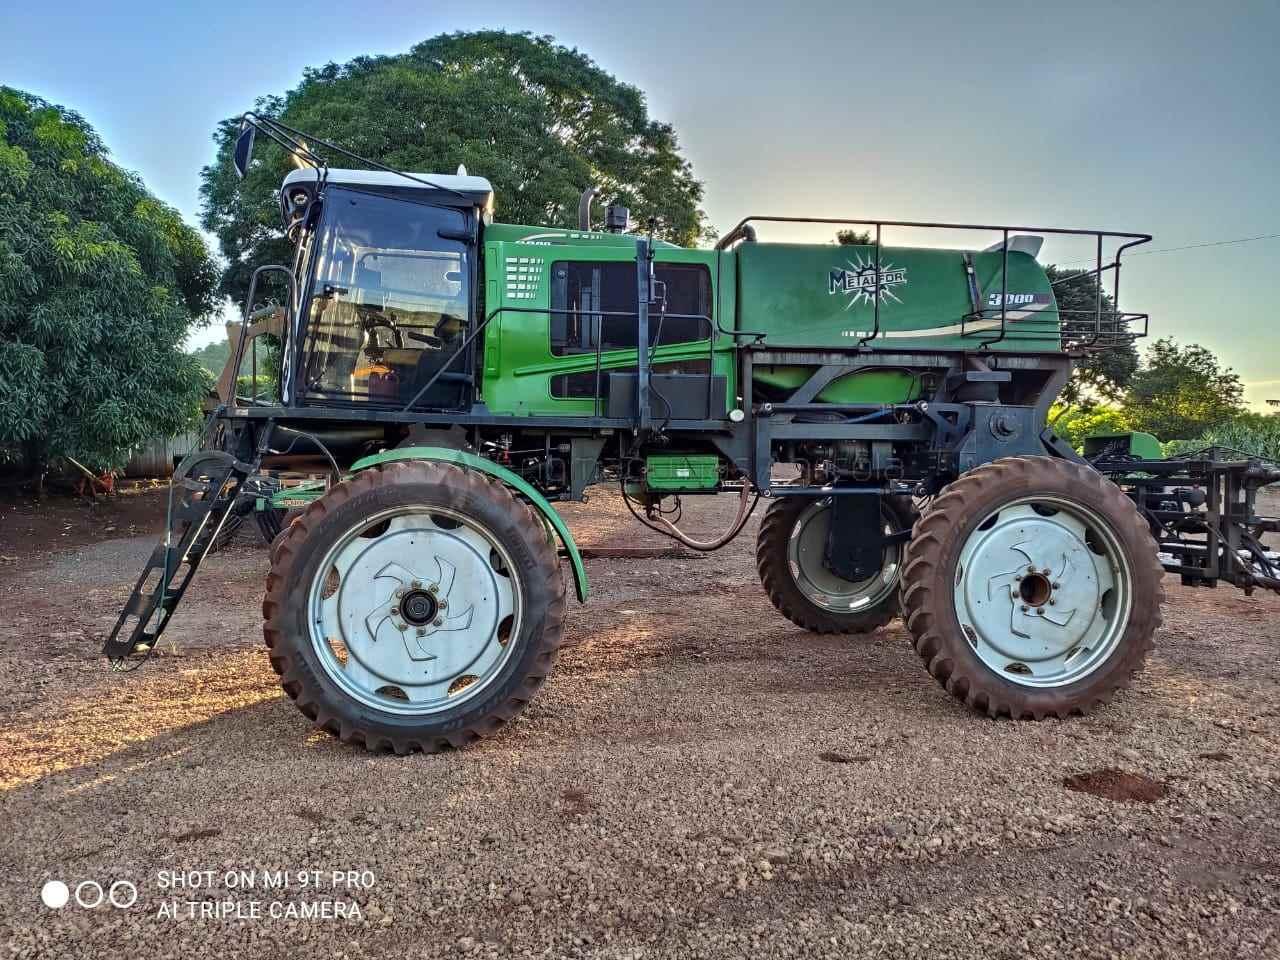 PULVERIZADOR METALFOR FUTUR 3000 Tração 4x2 Engmáquinas Agrícolas CASCAVEL PARANÁ PR